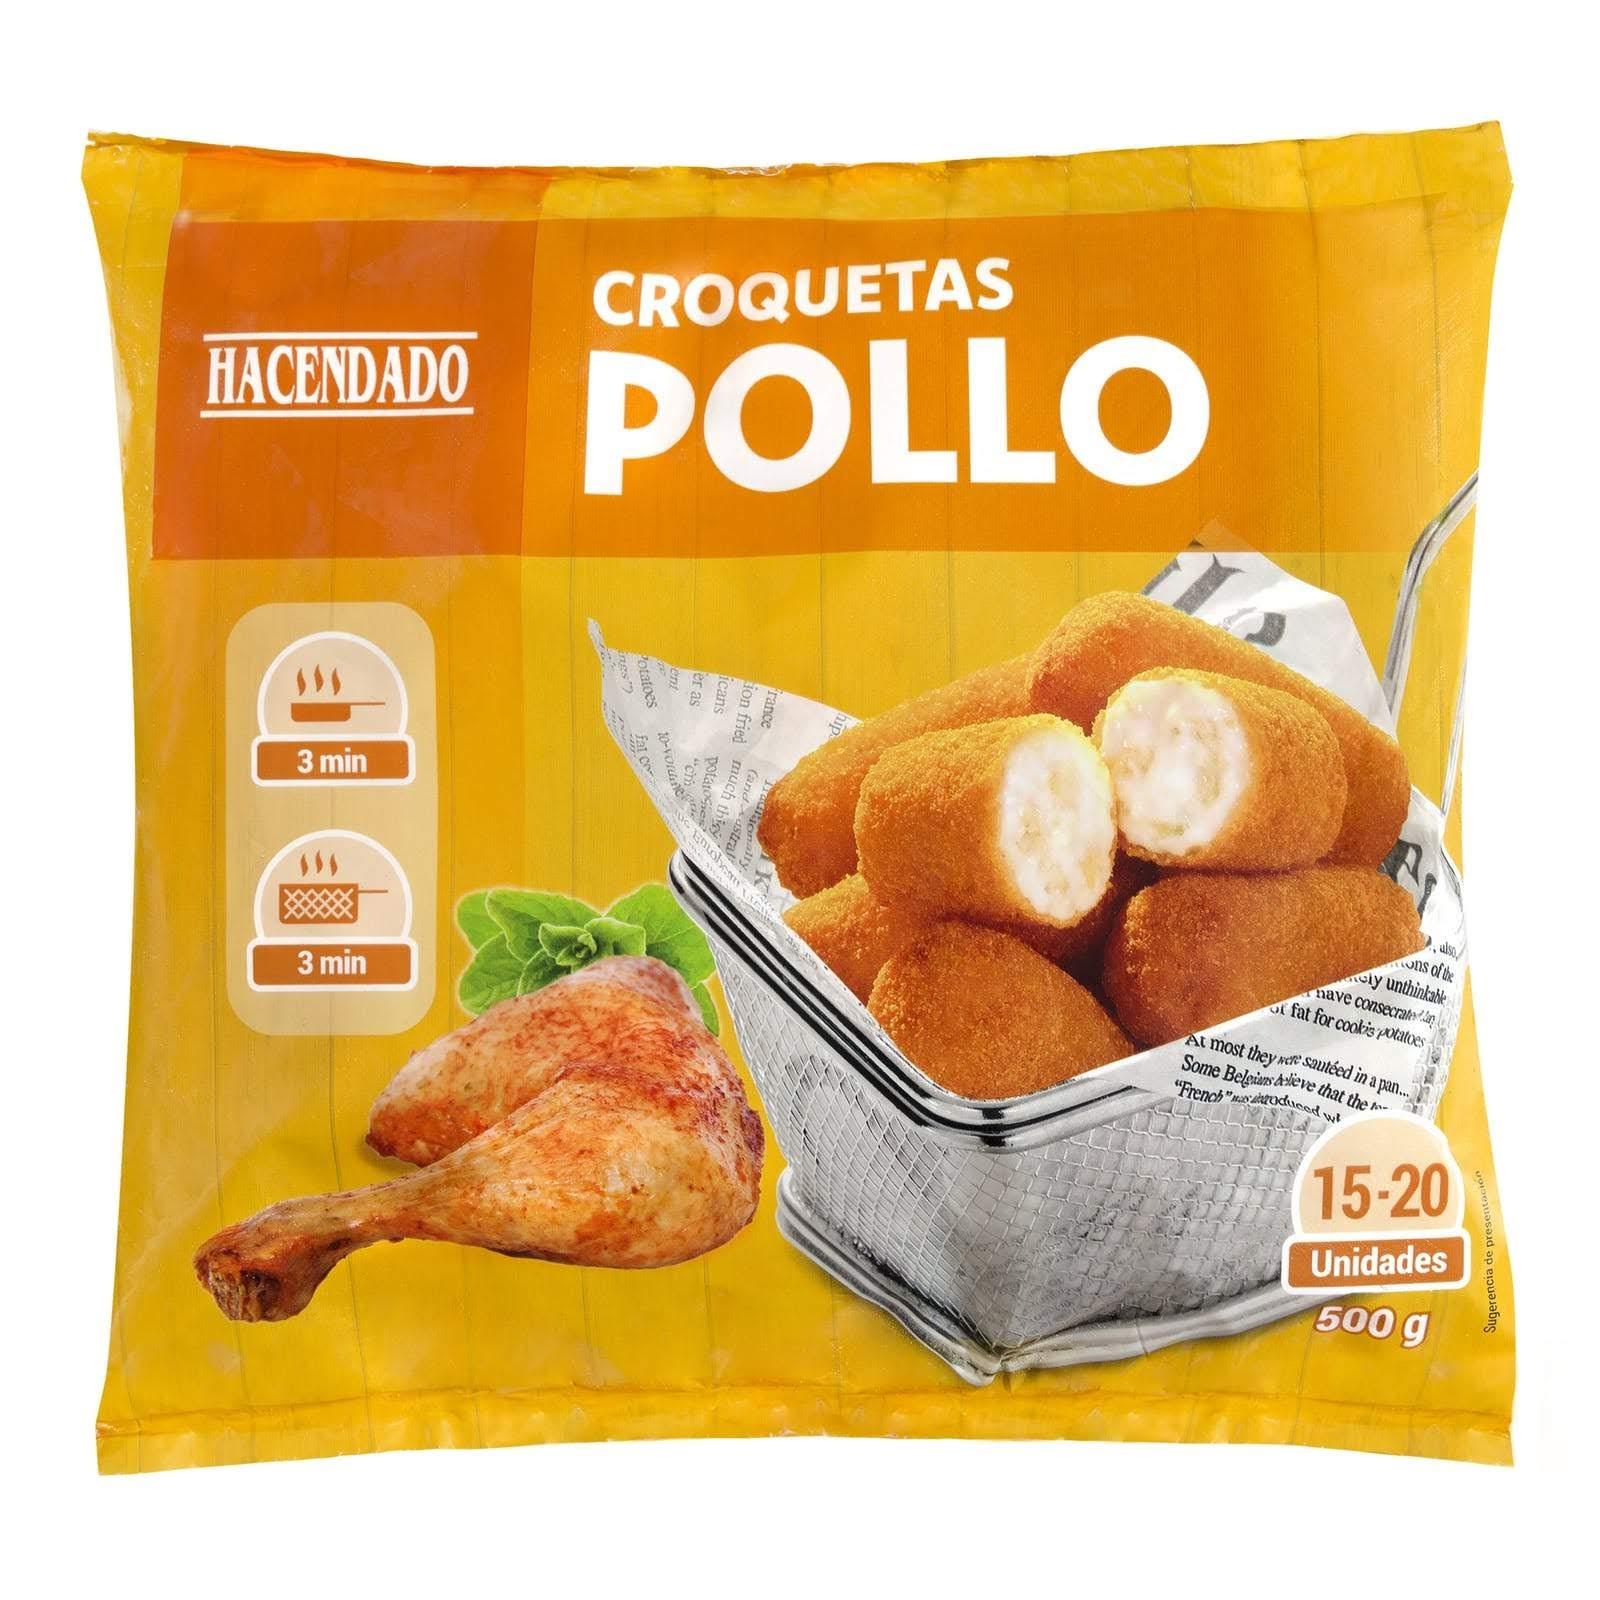 Croquetas de pollo Hacendado